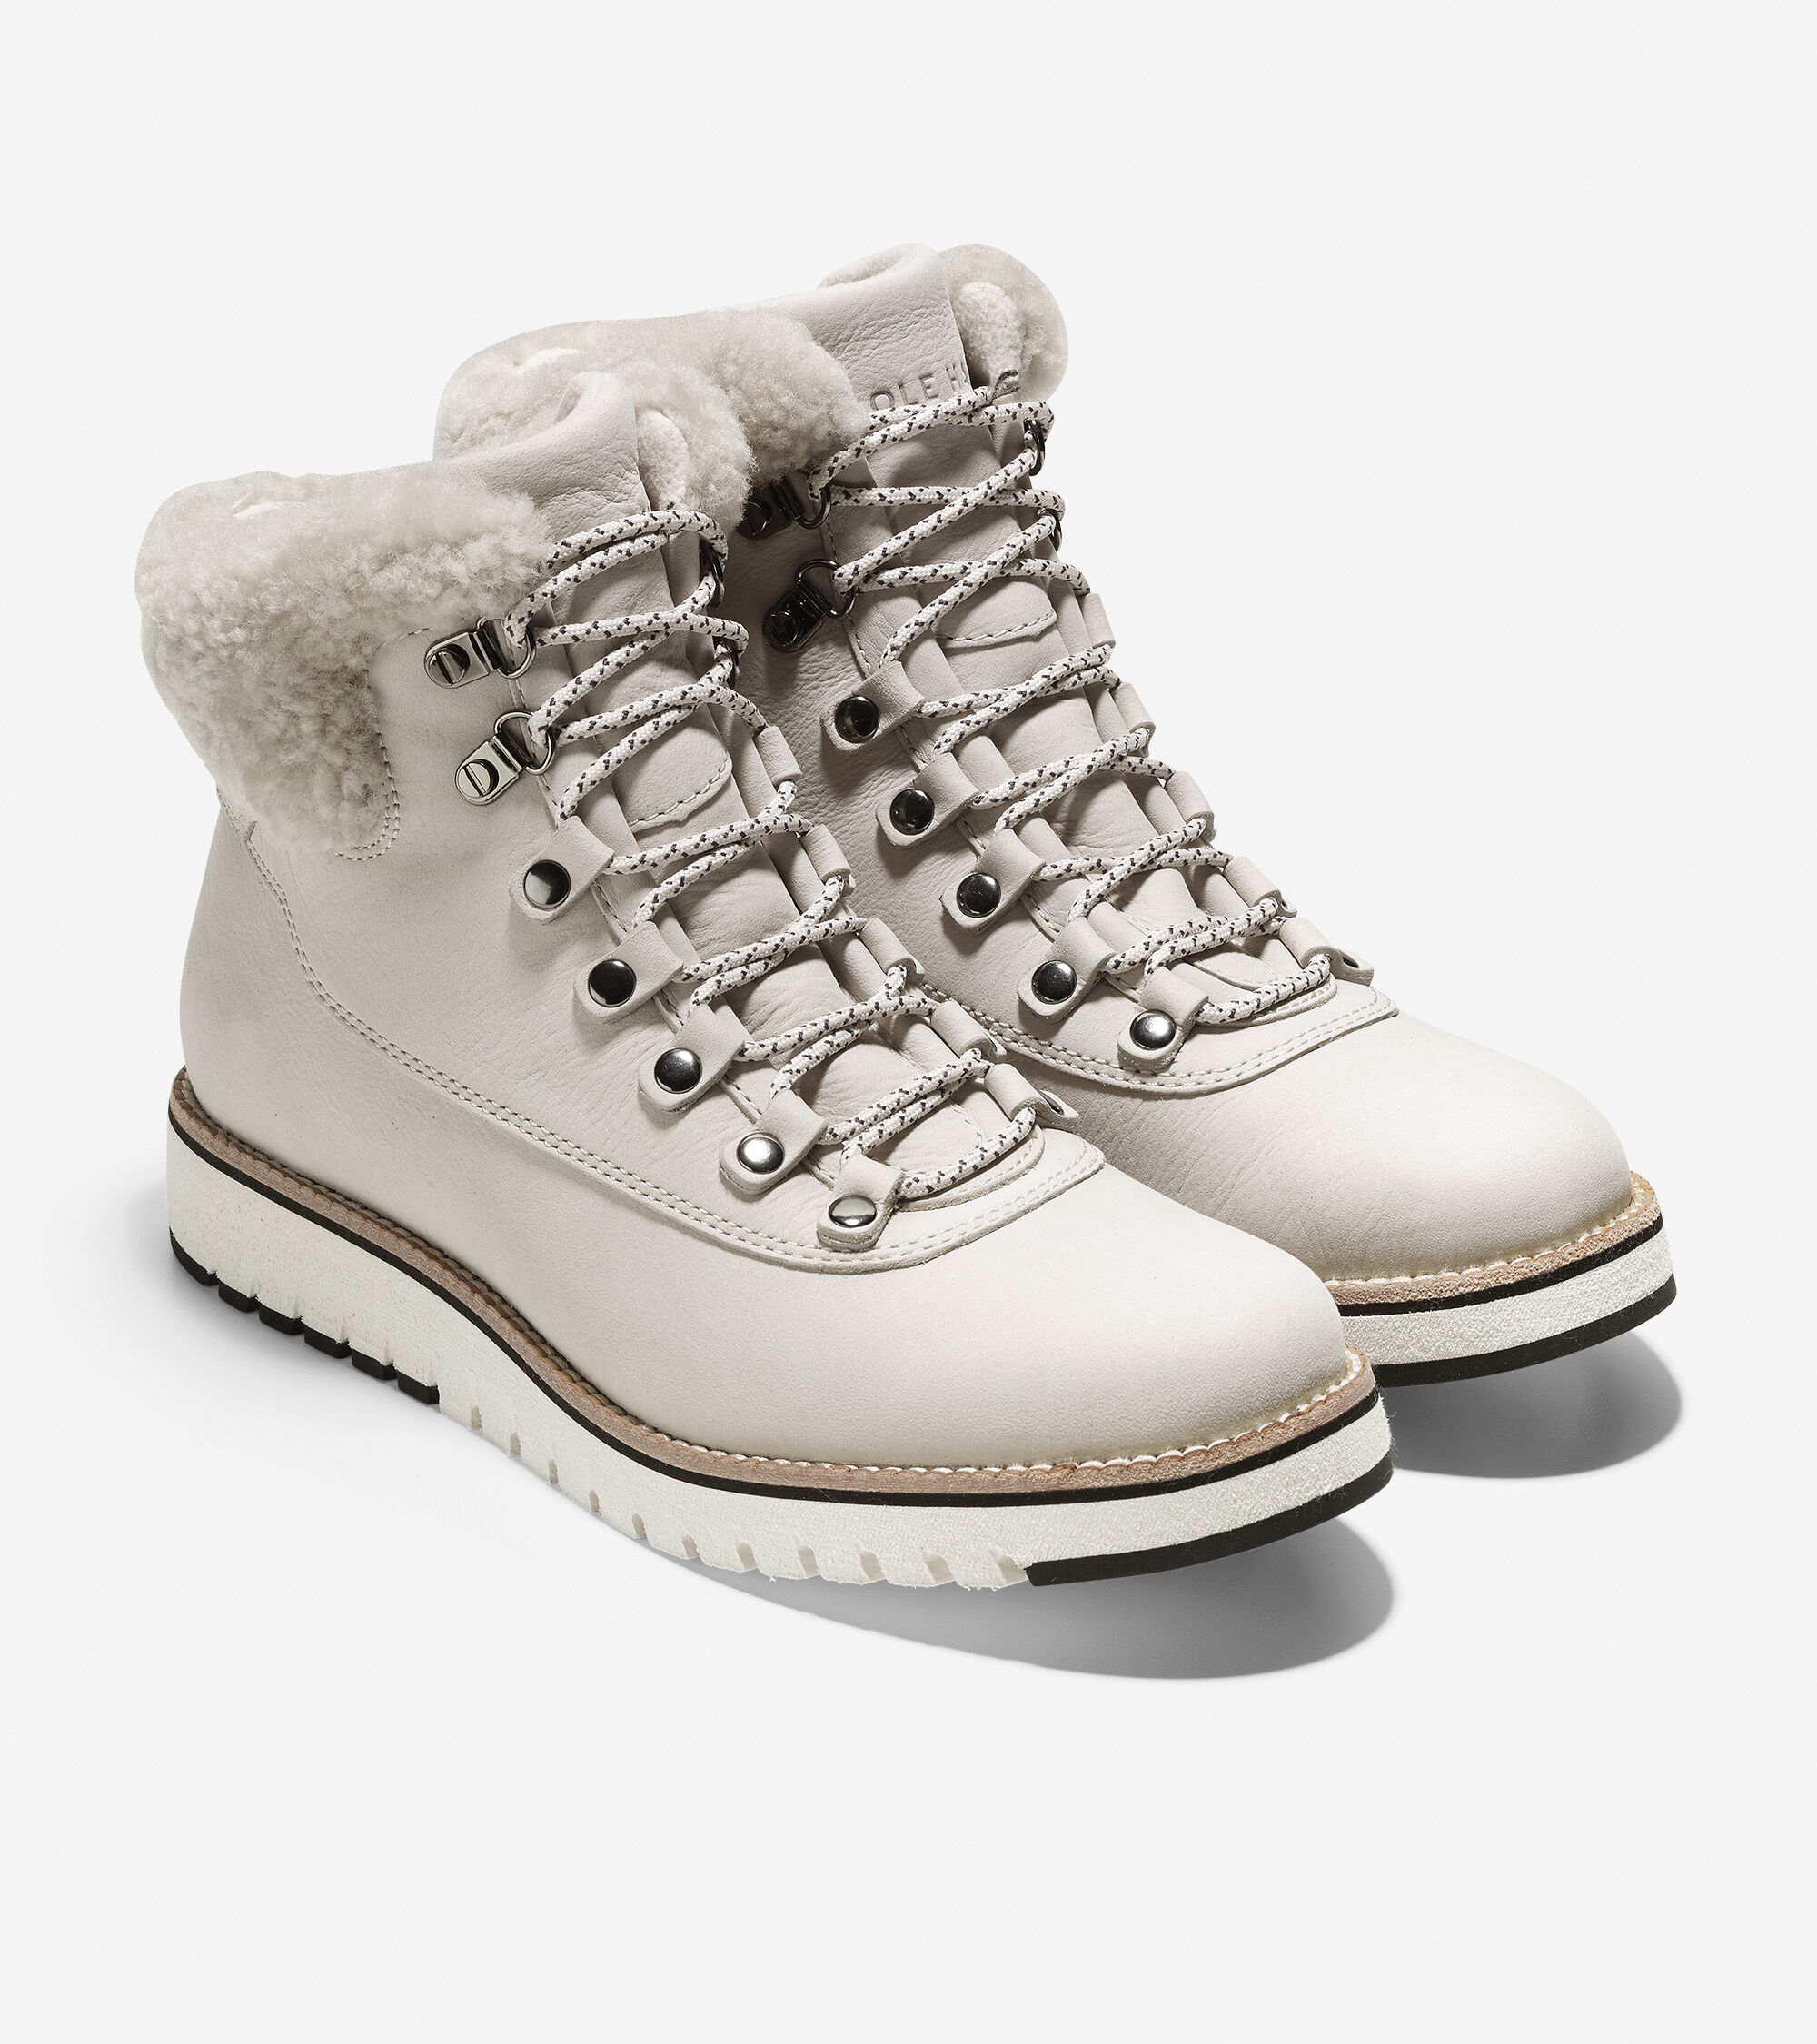 ba55681e9abe Women s ZEROGRAND Explore Waterproof Hiker Boots in Pumice